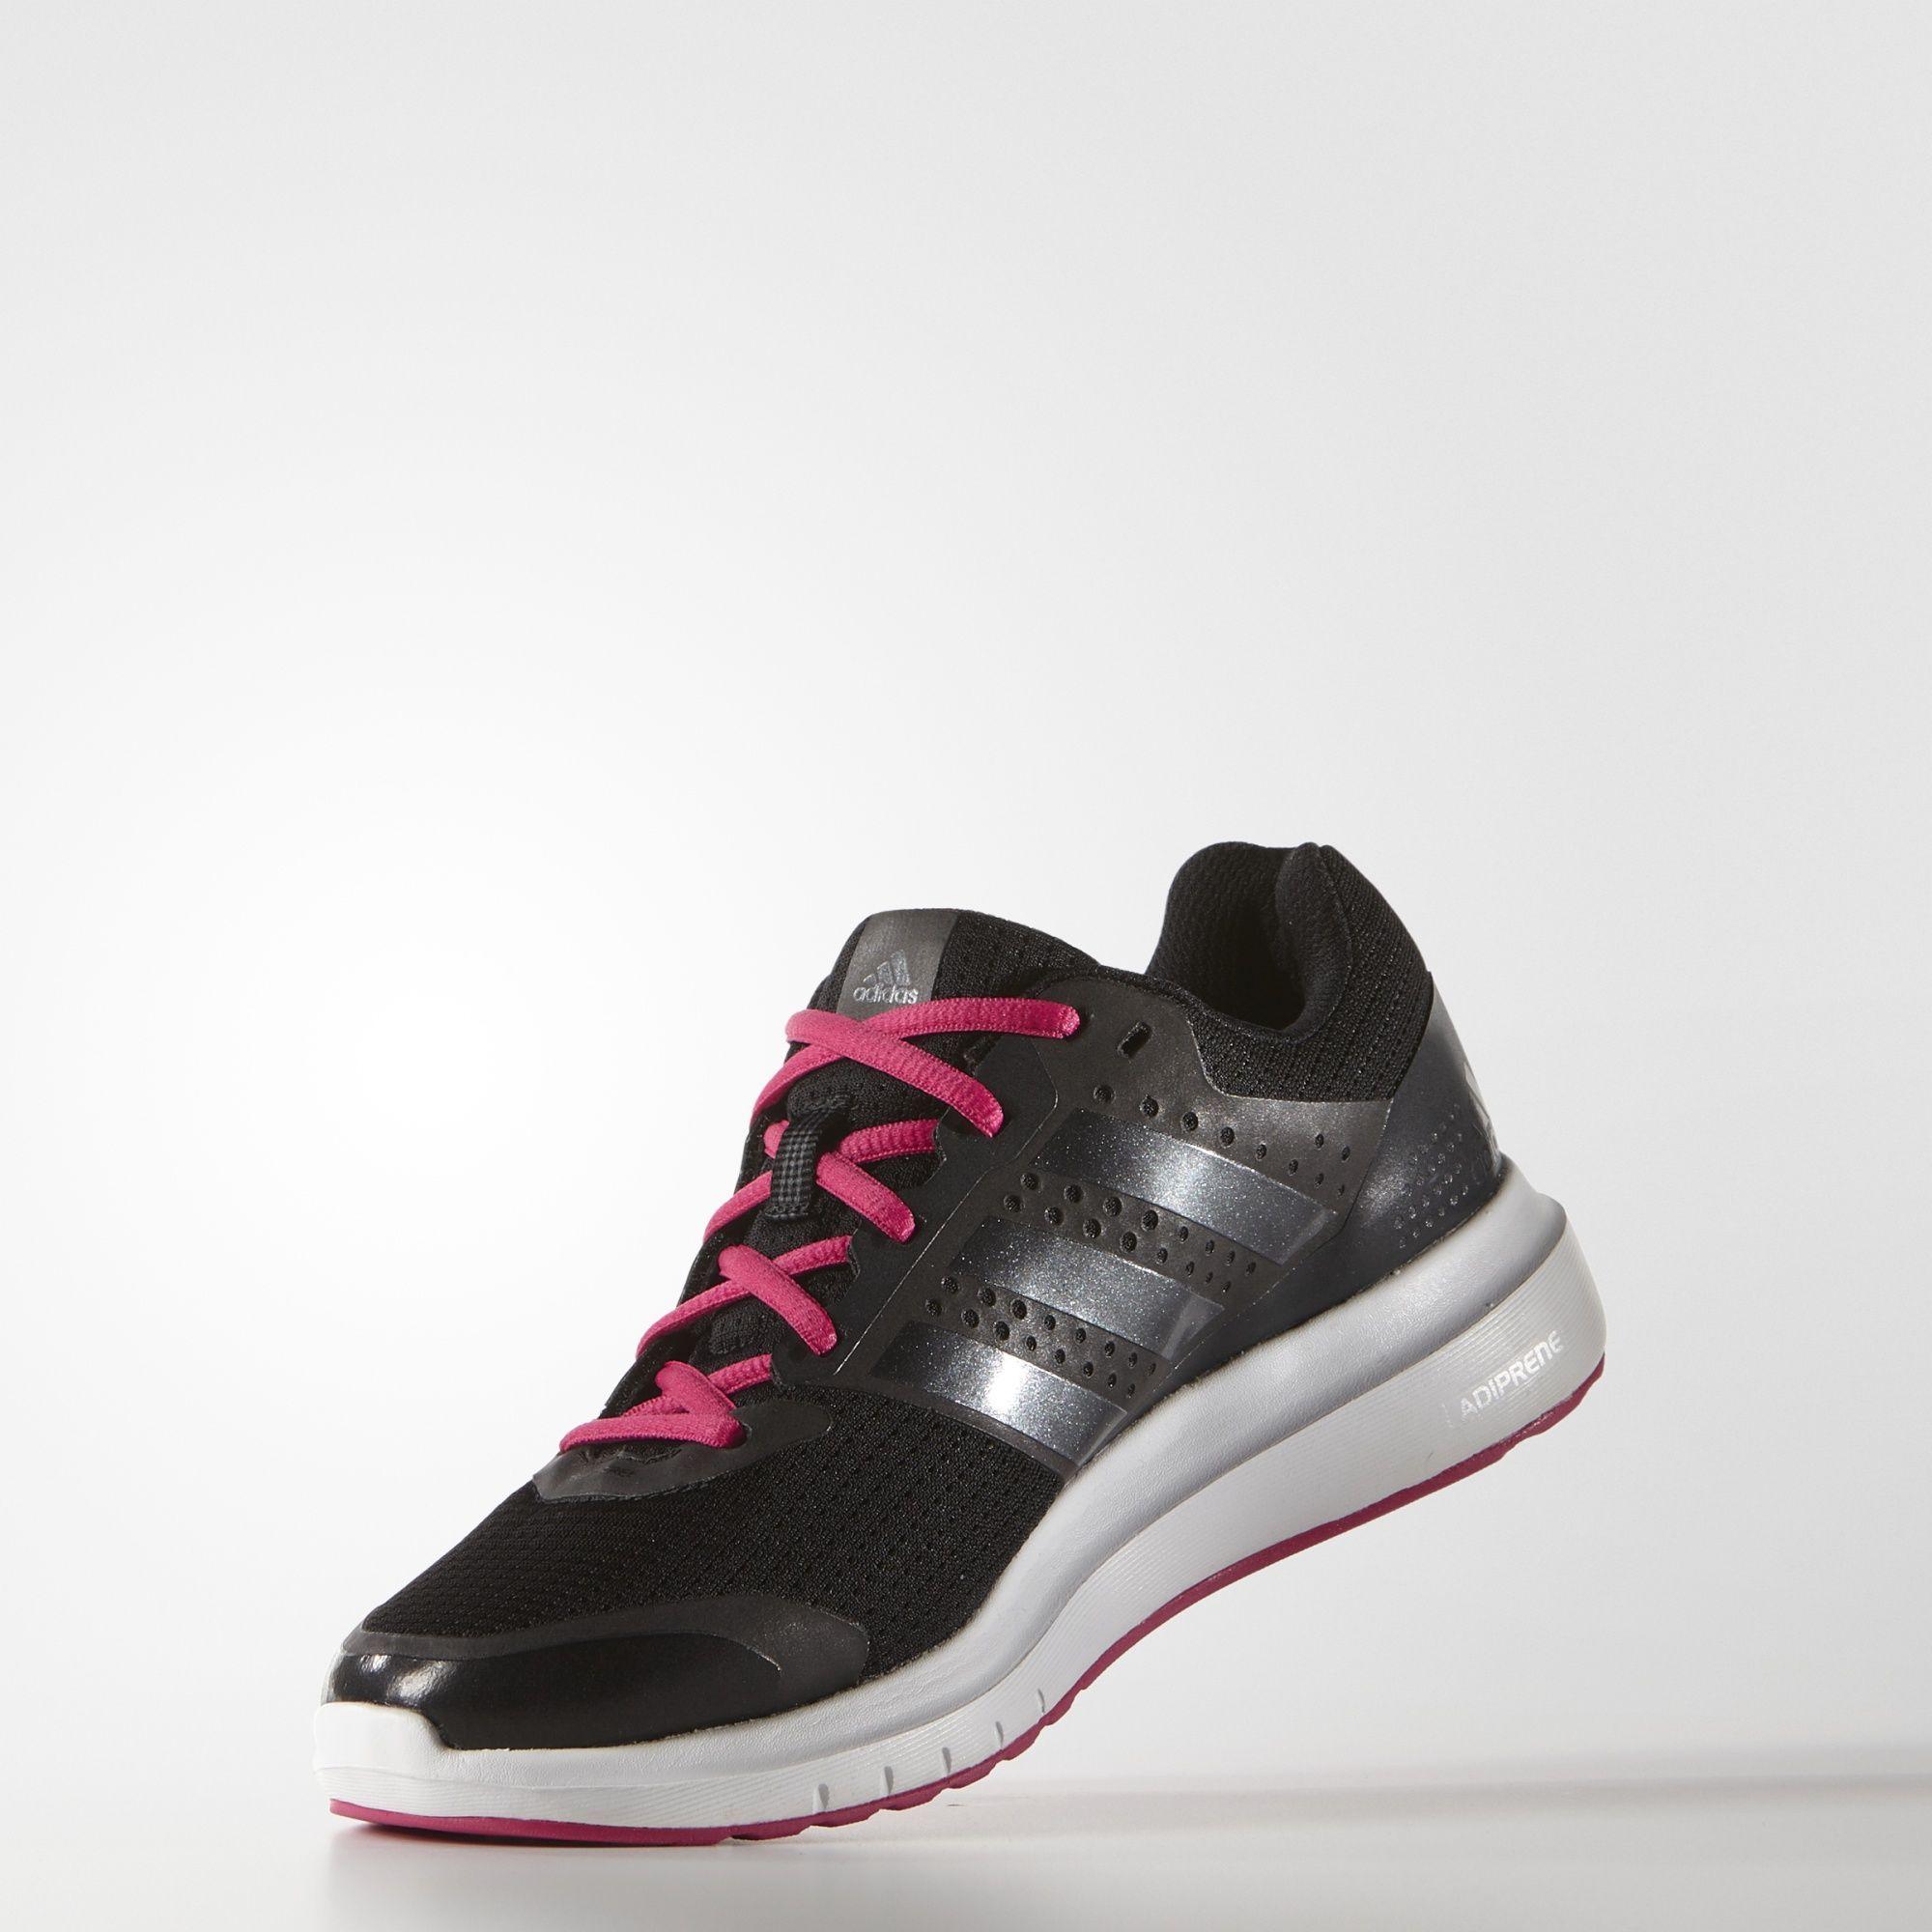 Adidas Duramo 7 Womens Shoes Core Black Night Metallic Bold Pink B33562 Women Shoes Womens Running Shoes Shoes